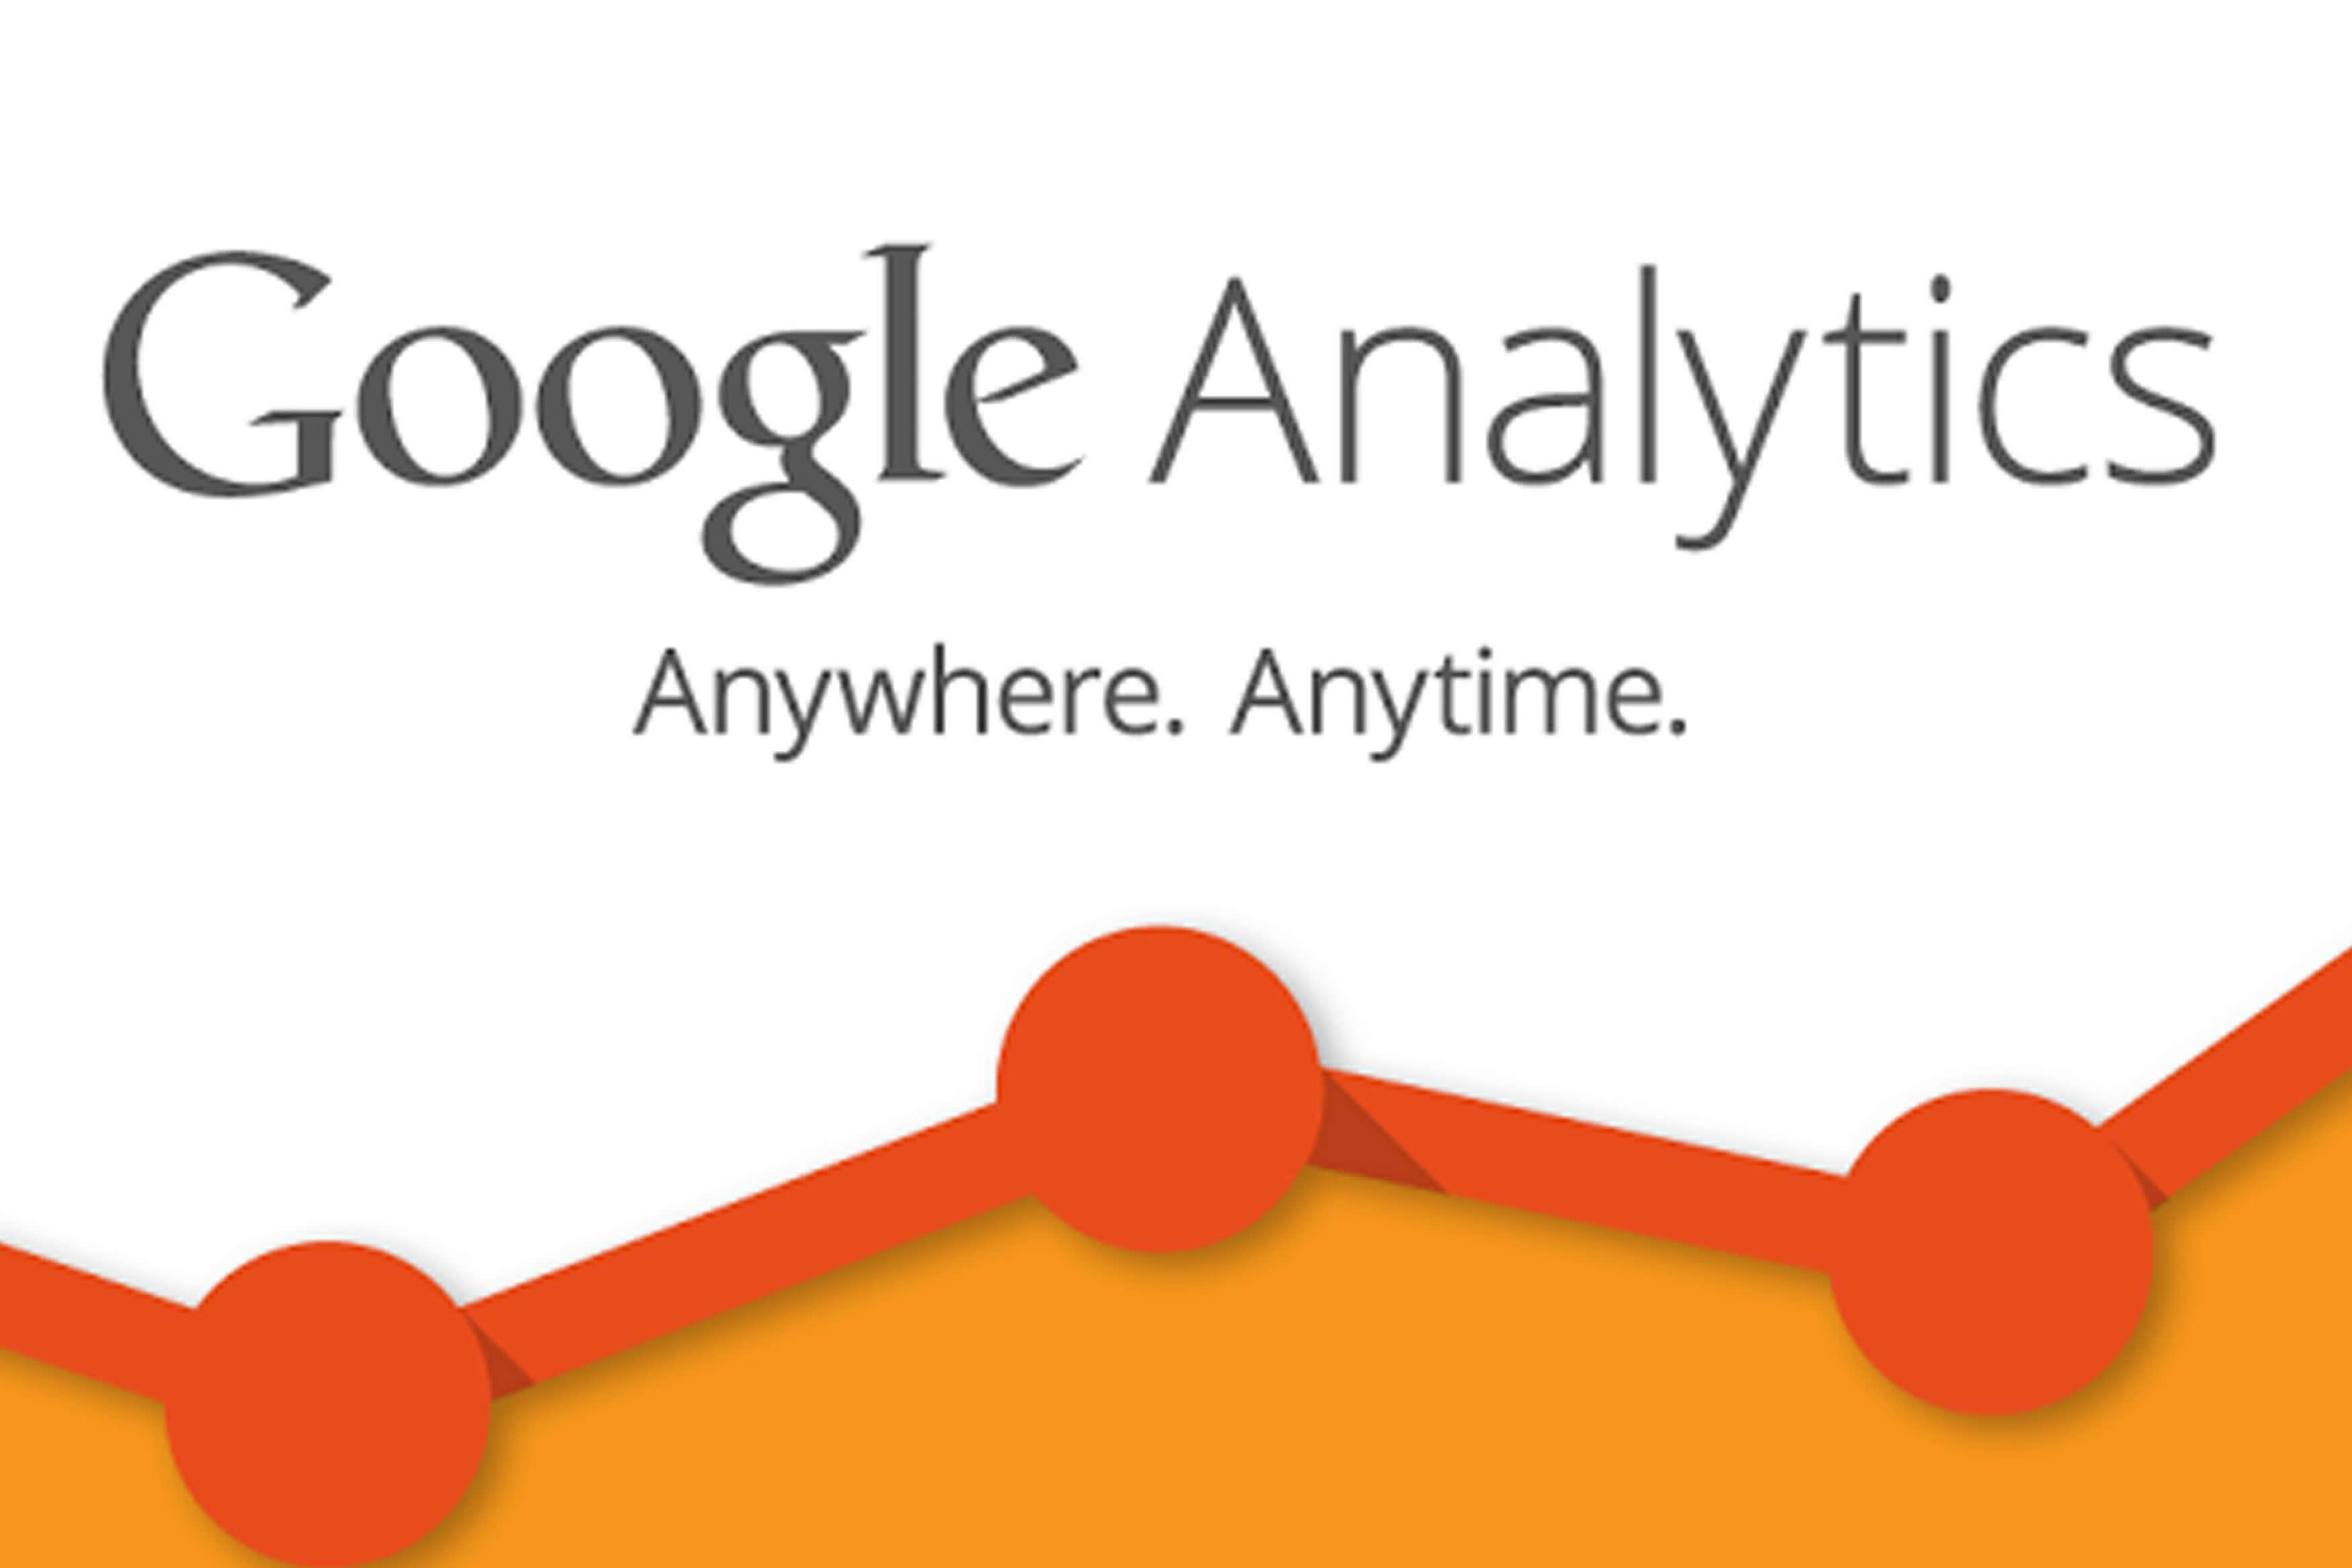 Google Analytics, Anywhere. Anytime.